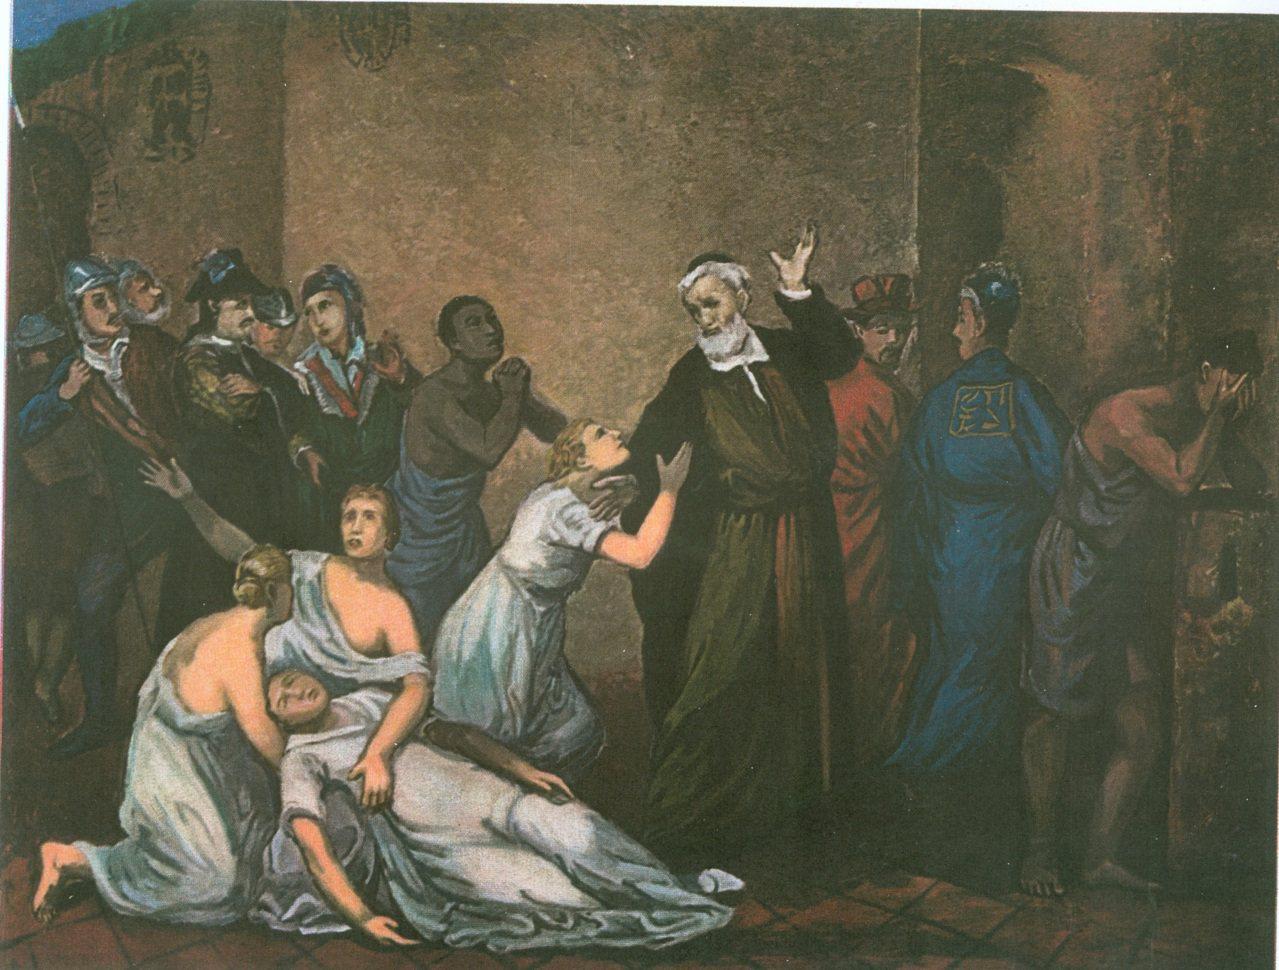 1661年鄭成功派荷蘭牧師亨布魯克(A. Hambroek)進入熱蘭遮城勸降荷蘭...